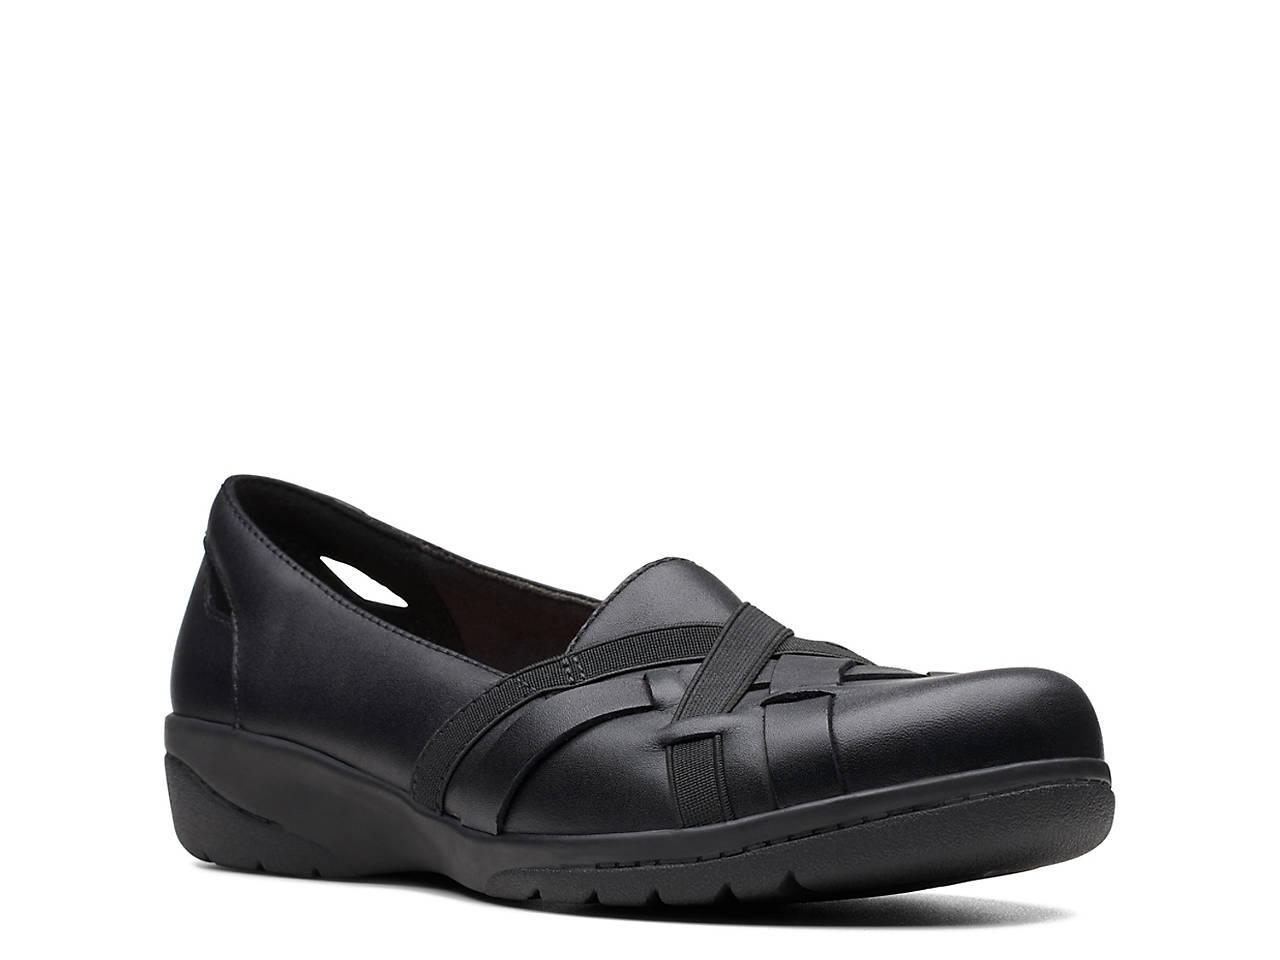 ab878d58e0e4 Clarks Cheyn Creek Slip-On Women s Shoes